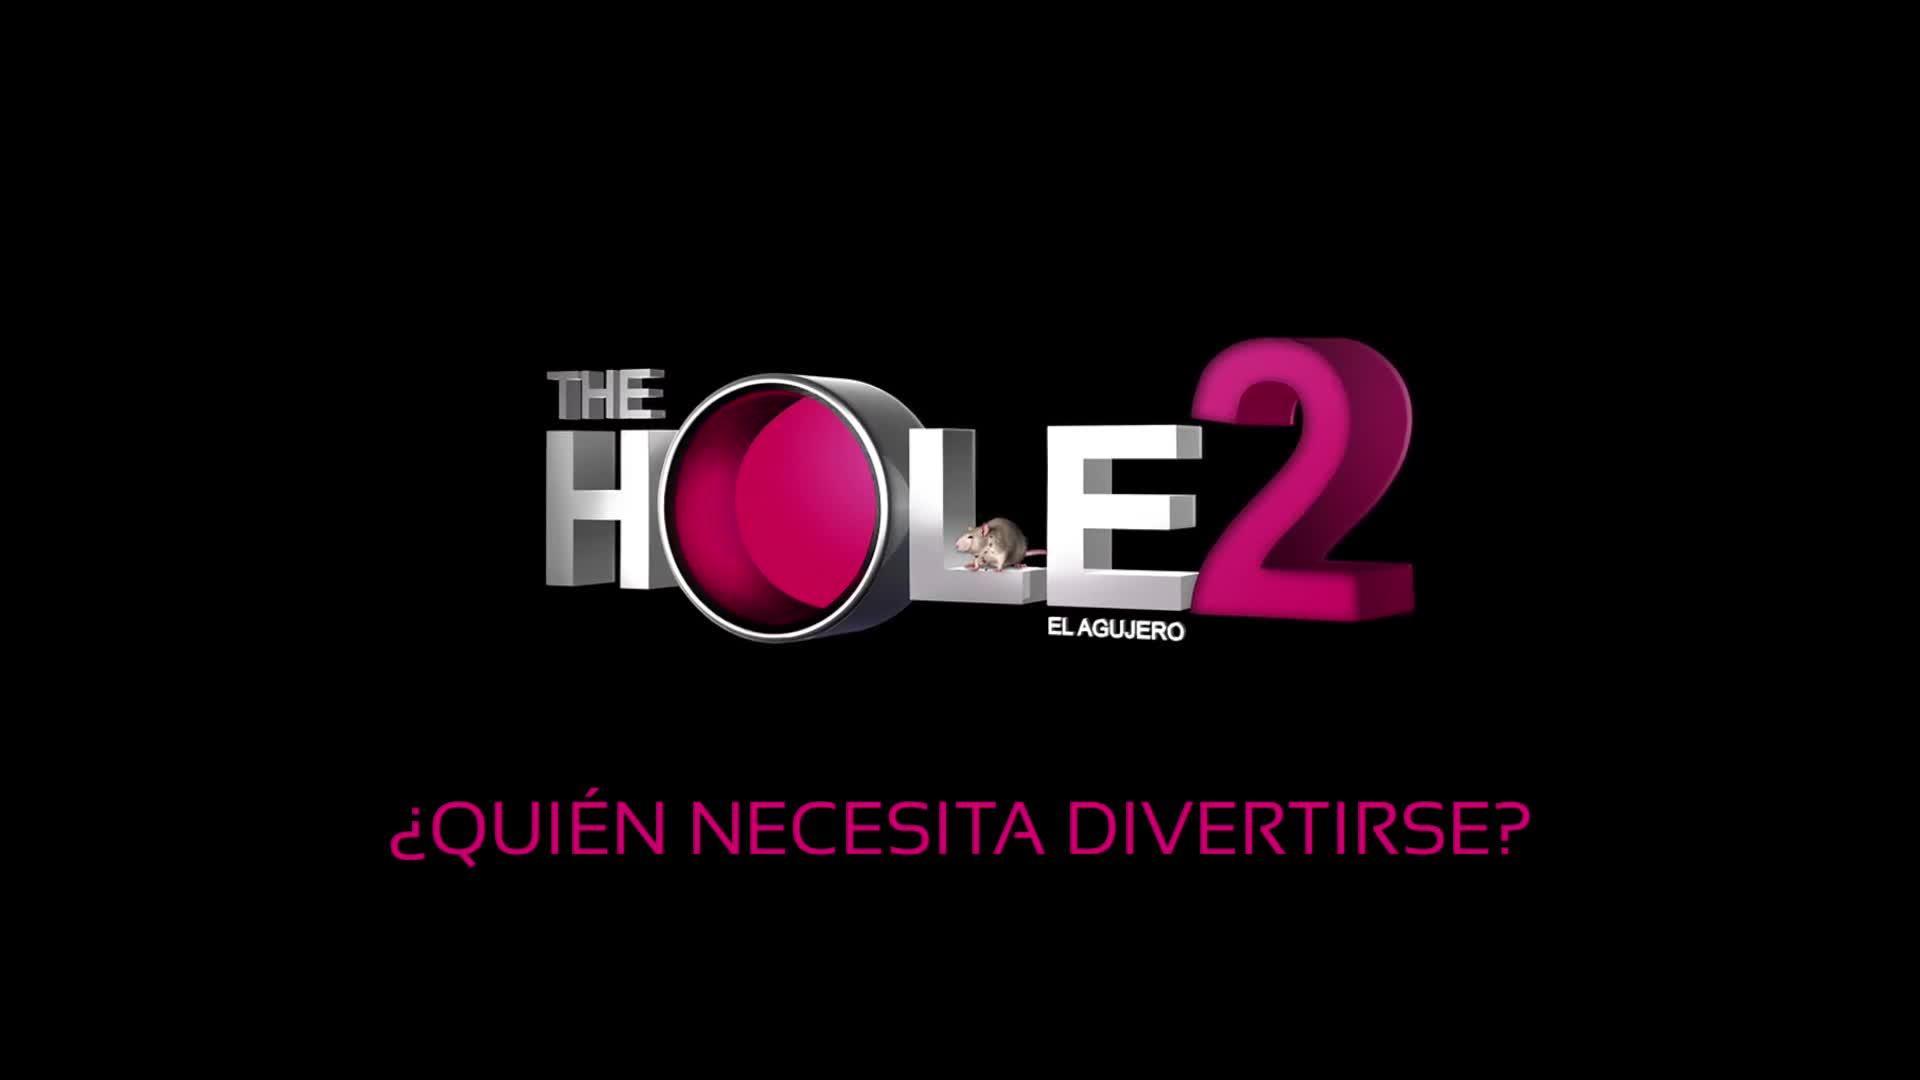 'The Hole 2' incitará al público a hacer «cosas salvajes» en su 'agujero'